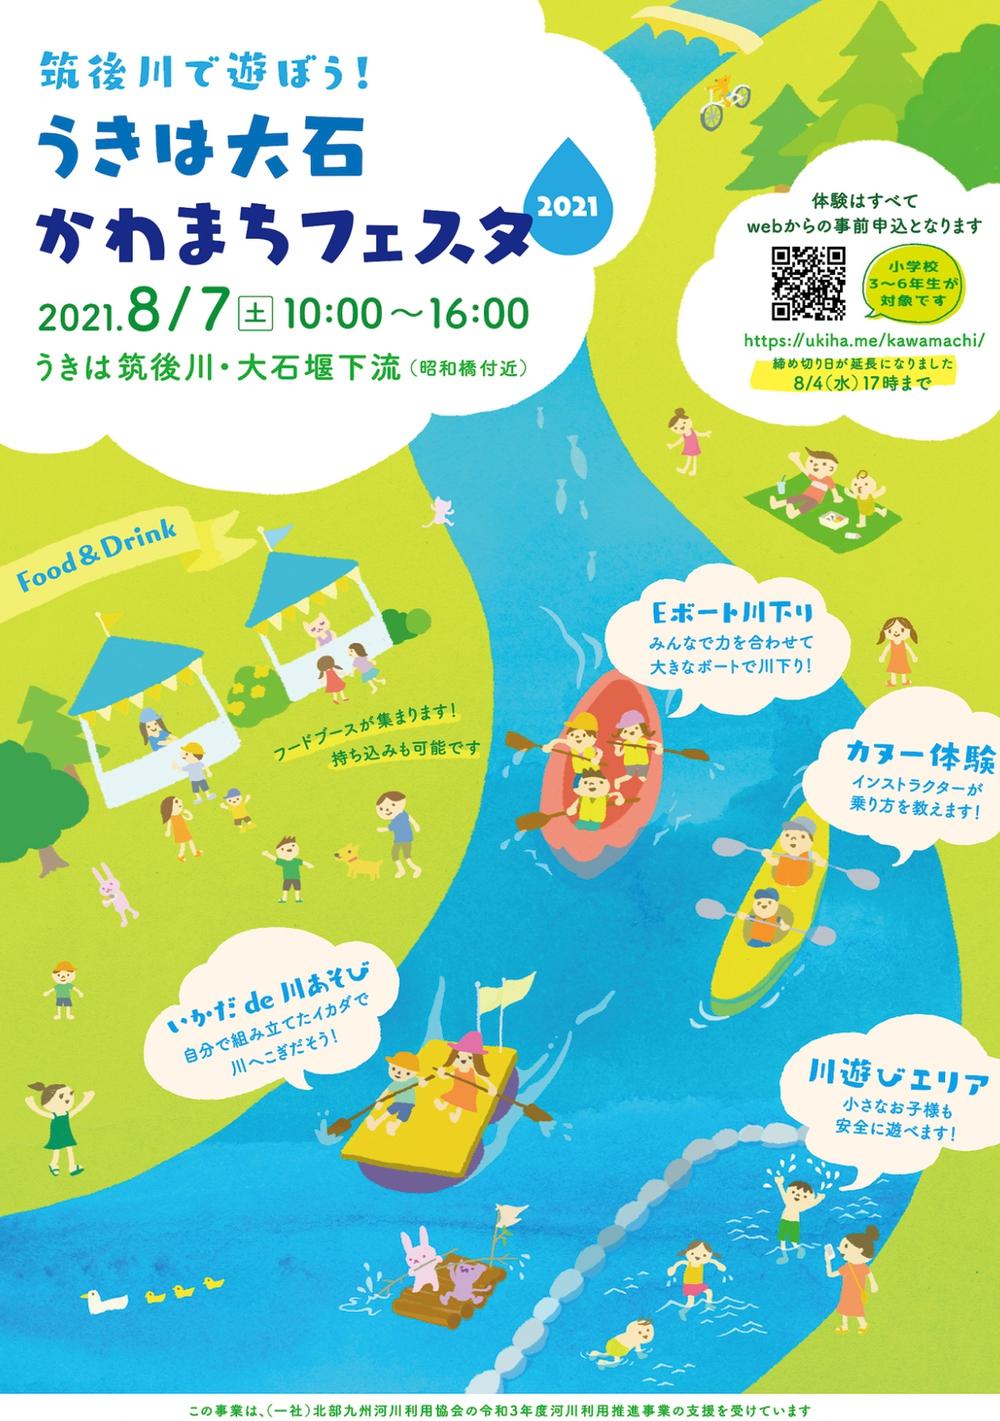 筑後川で遊ぼう!うきは大石かわまちフェスタ2021 川遊びエリアやカヌー体験